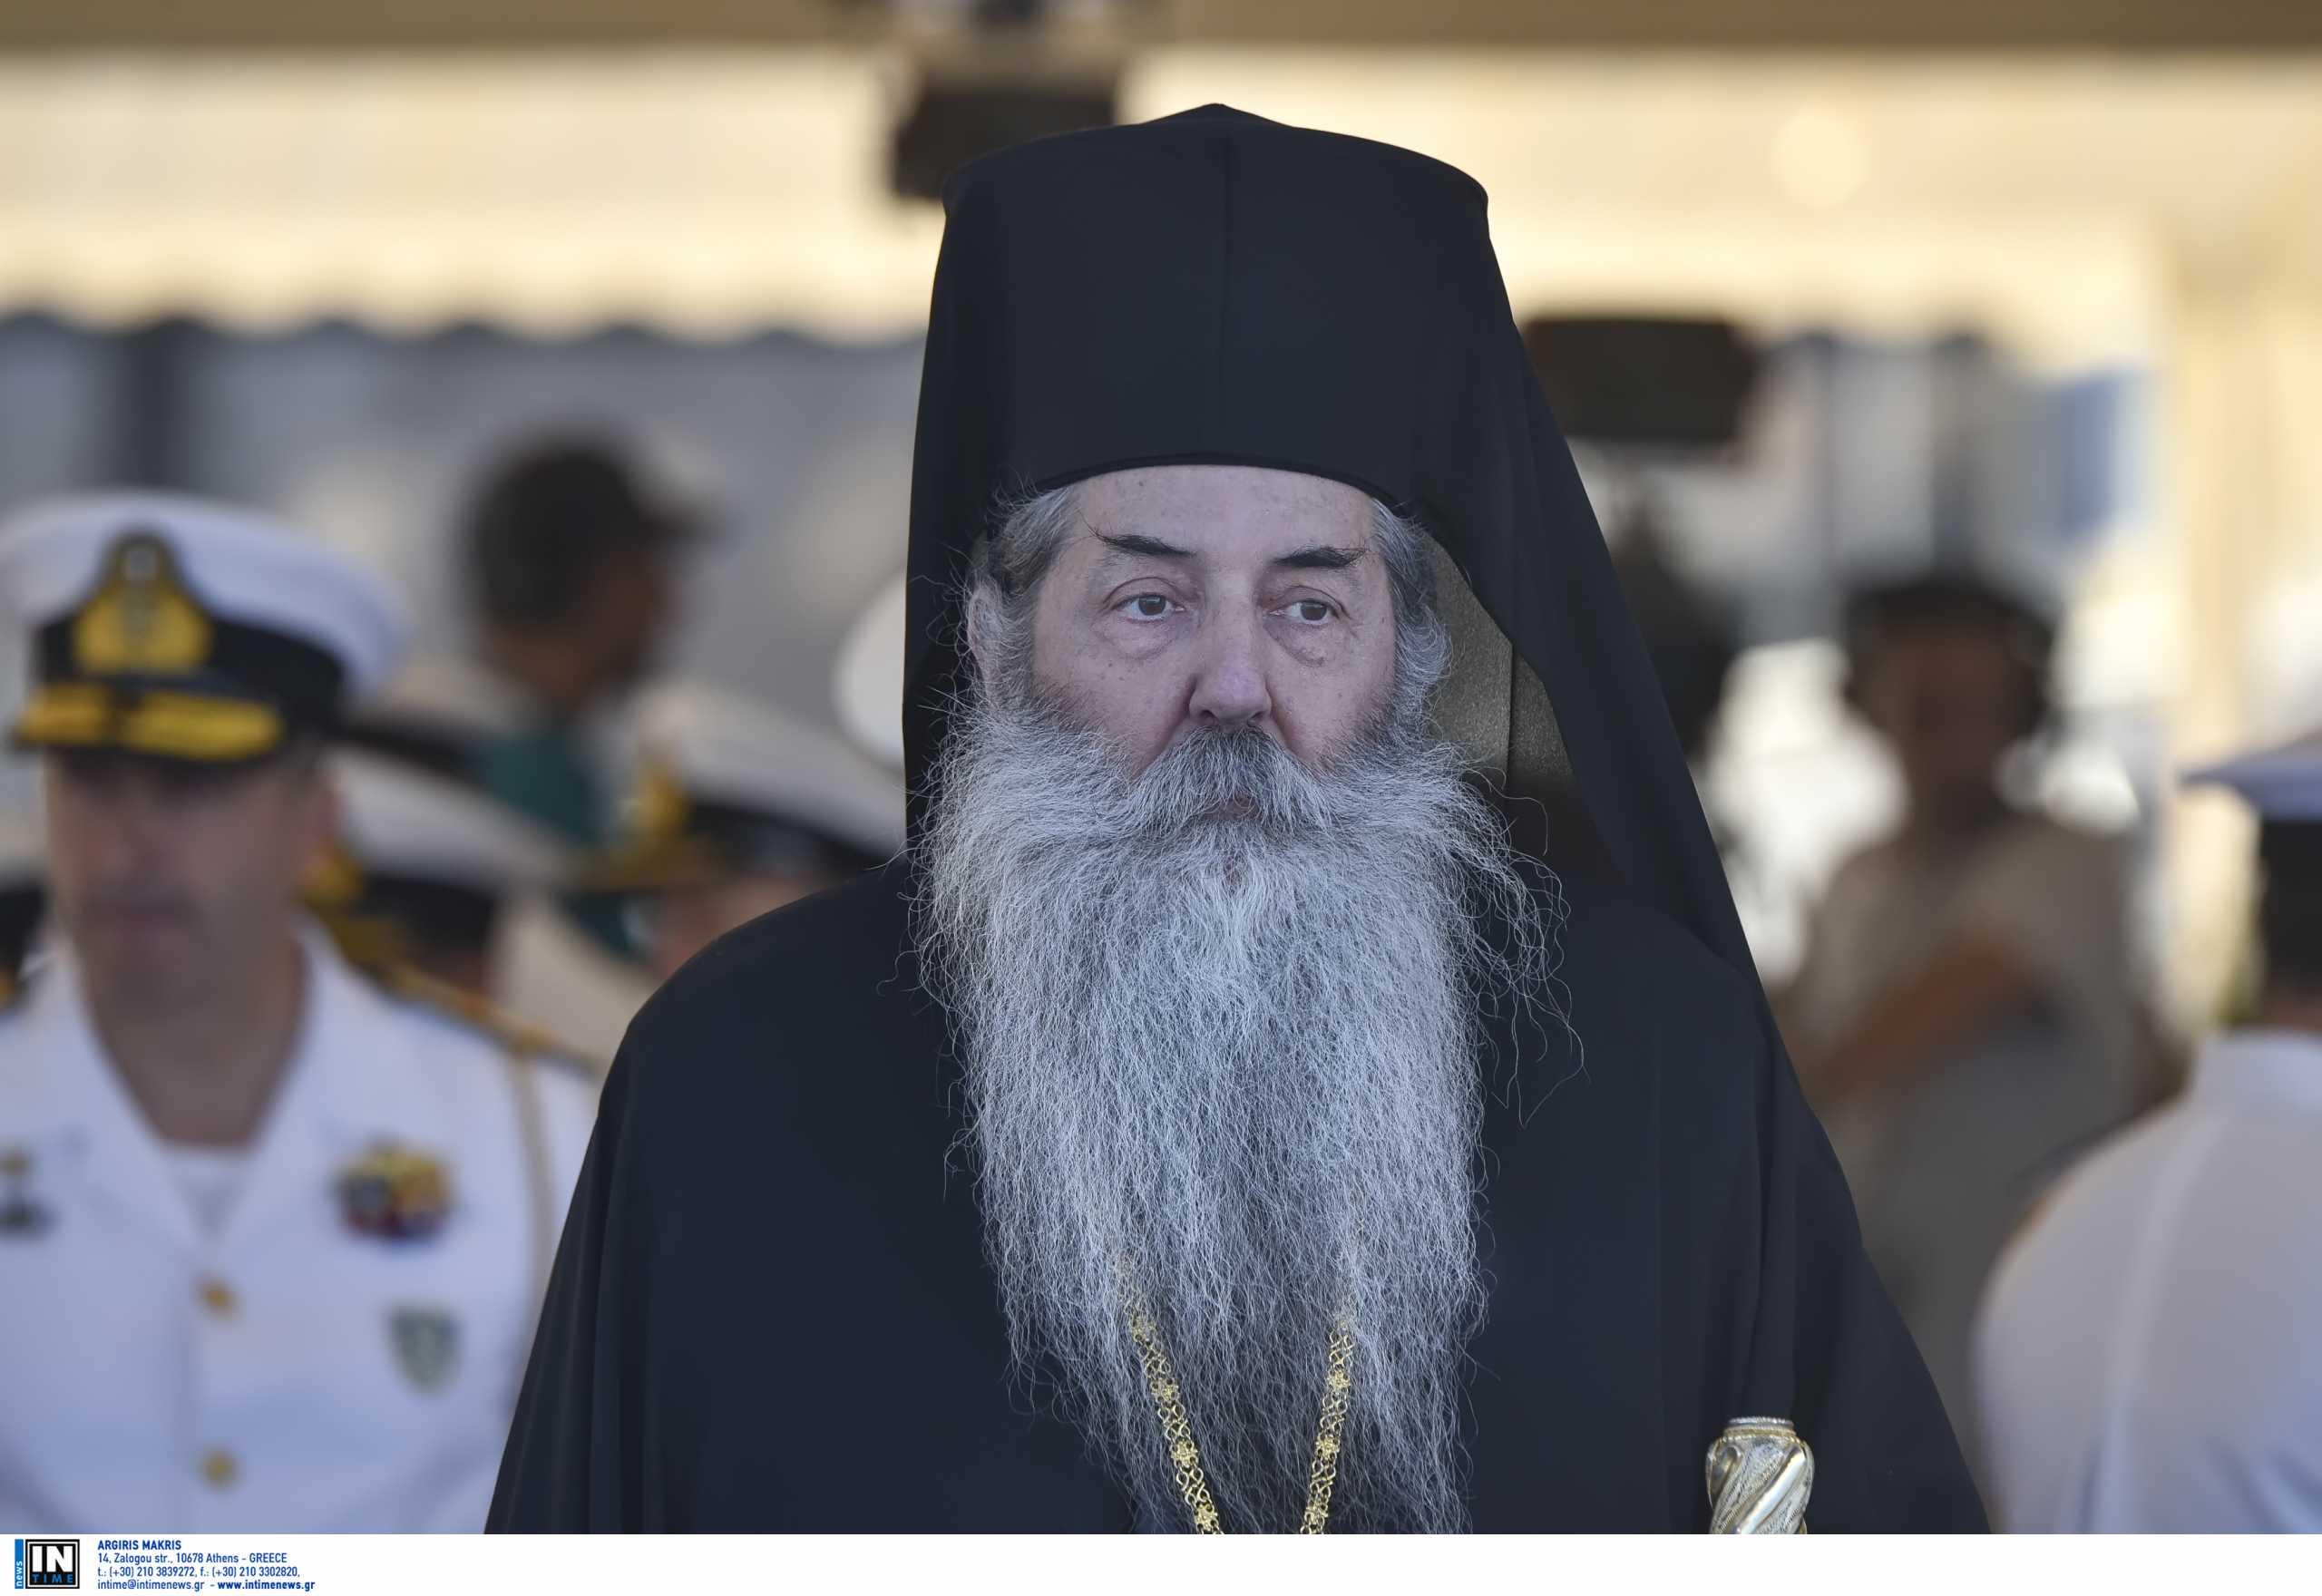 Μητροπολίτης Σεραφείμ για αντιεμβολιαστές: «Πήραν τον σταυρό και τη σημαία για να υπερασπιστούν τον θάνατο»